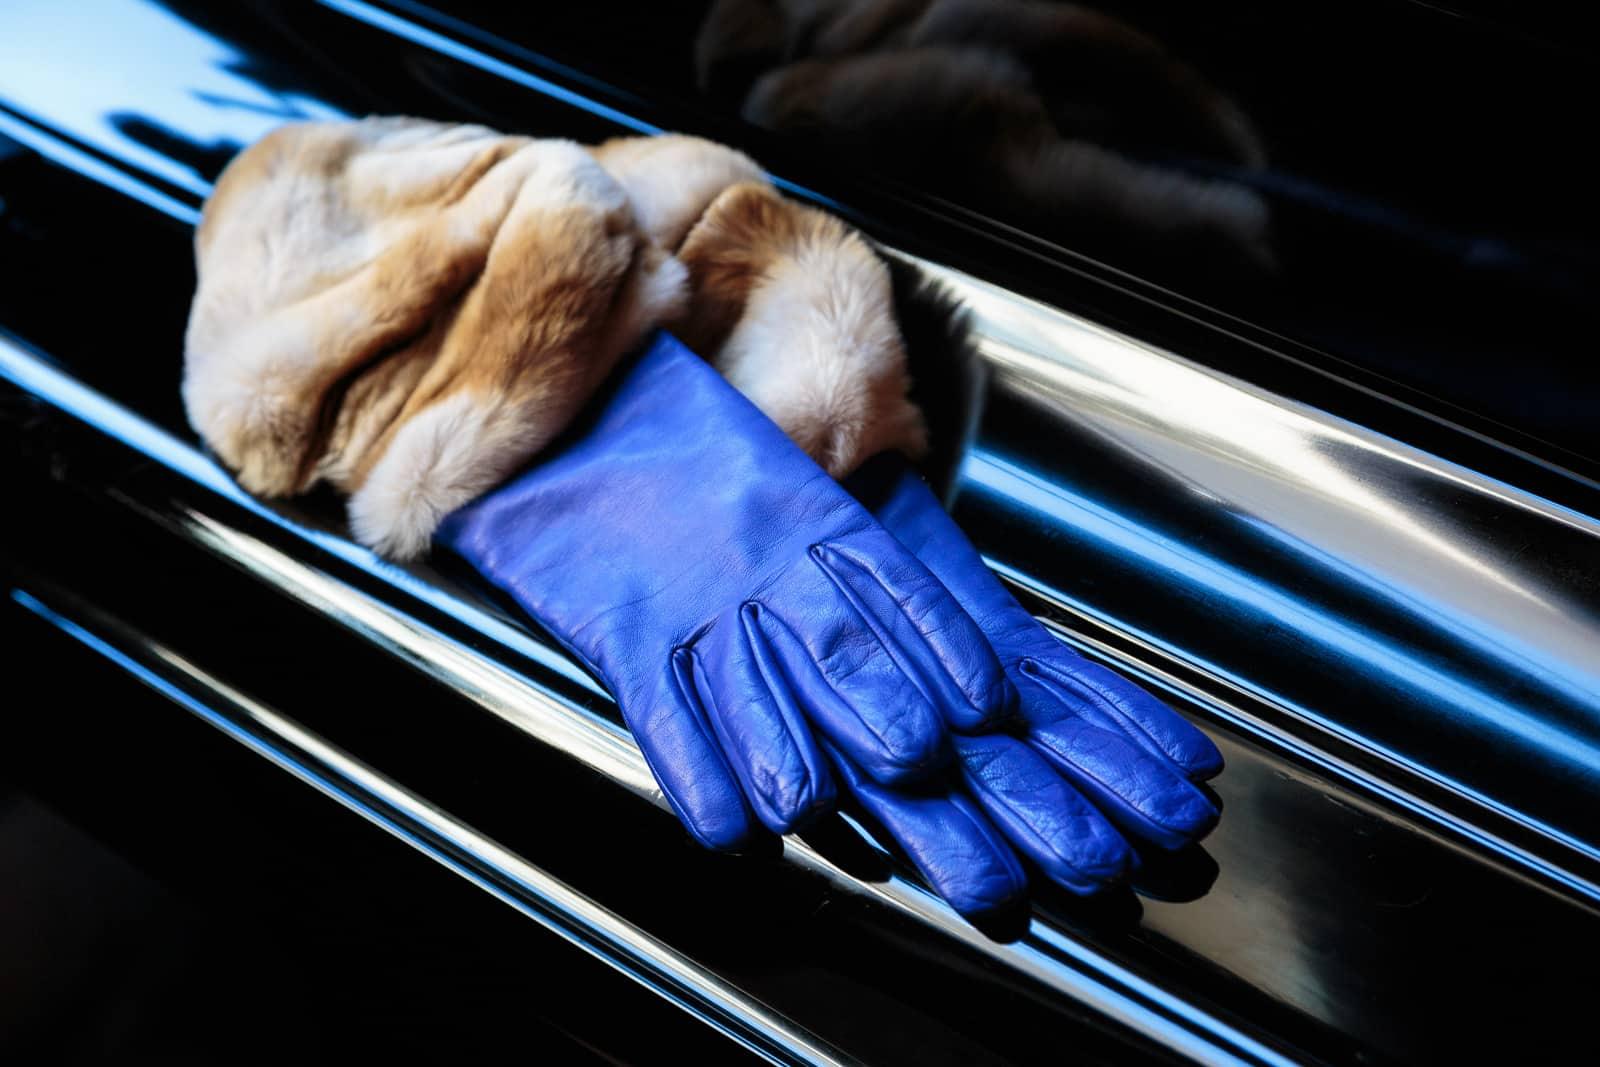 beau-gant-gloves-fur-cuff-brown-white-fashion2